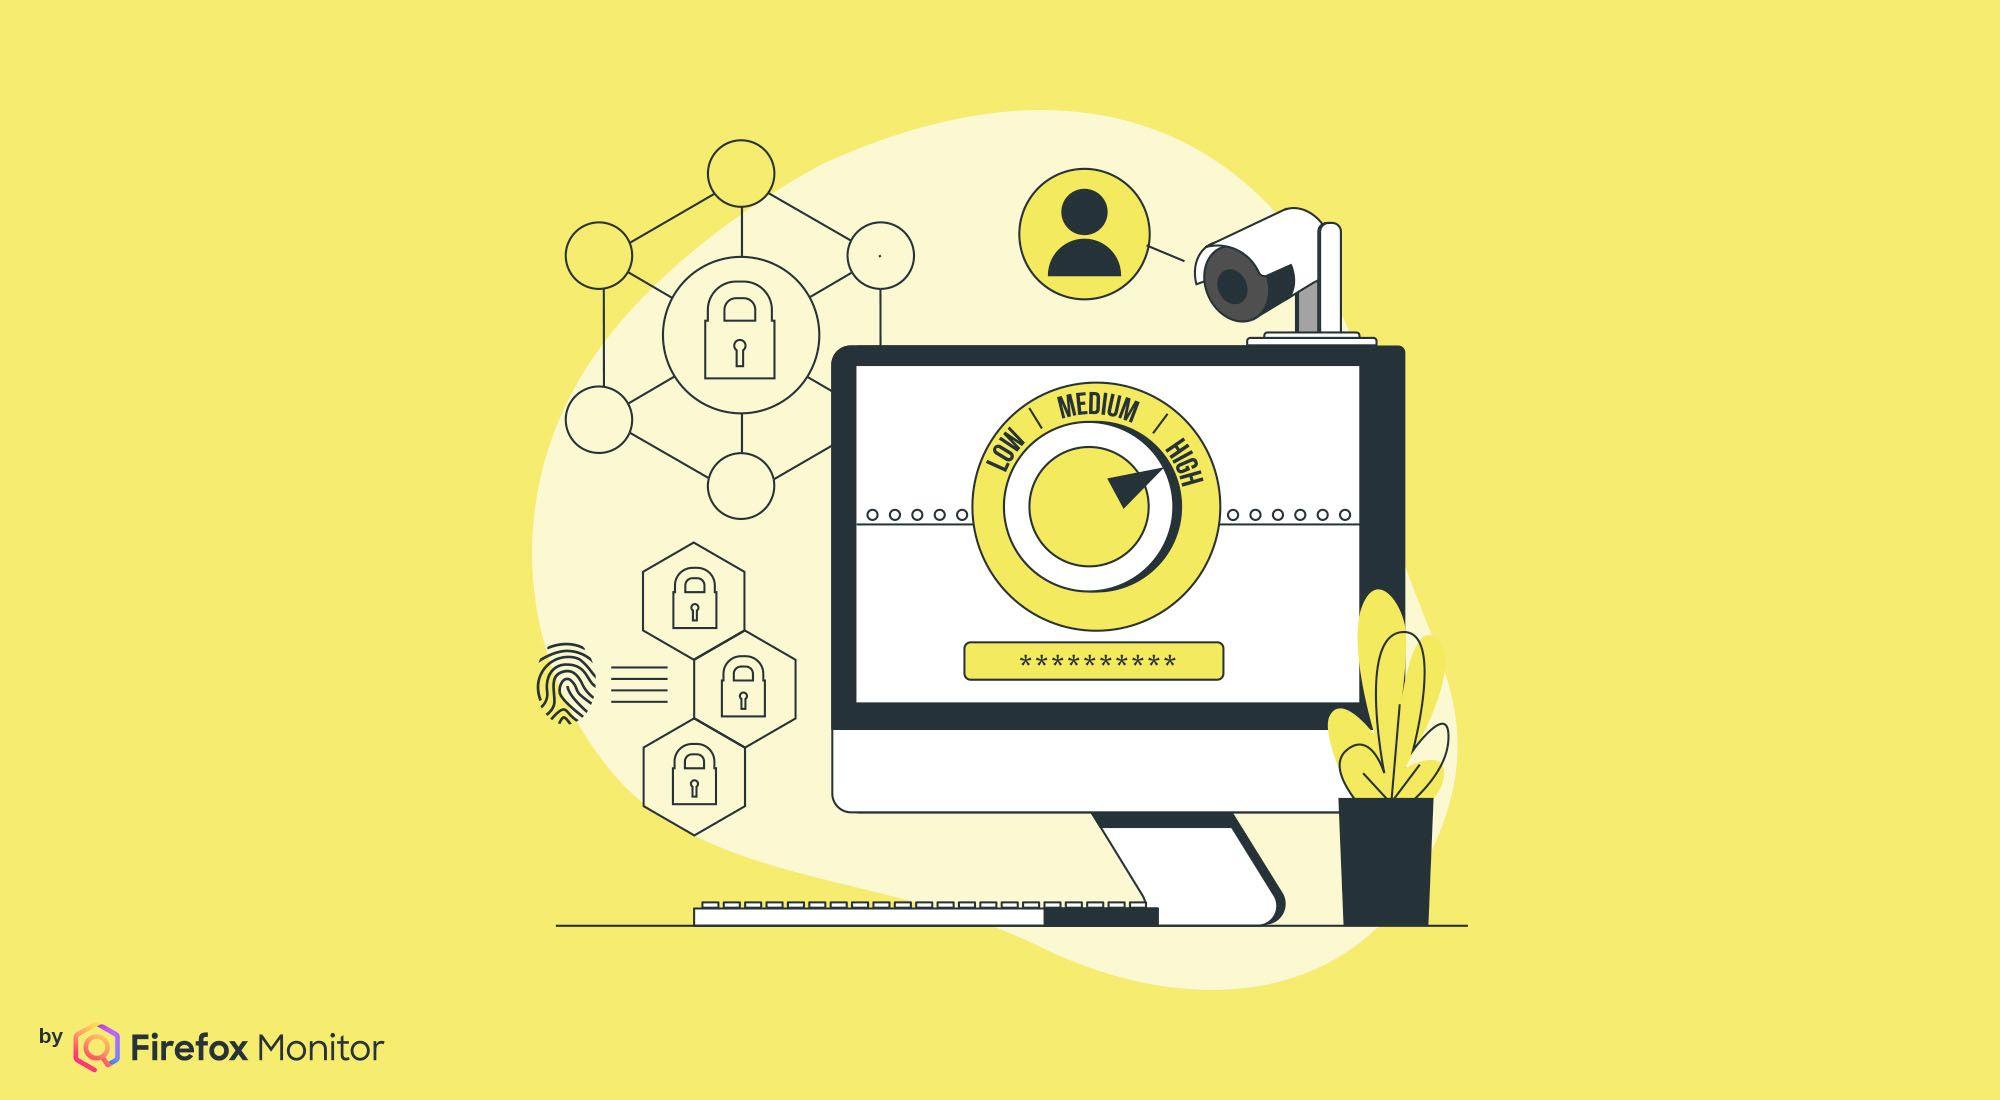 نشت اطلاعات آنلاین؛ پیشگیری تا درمان